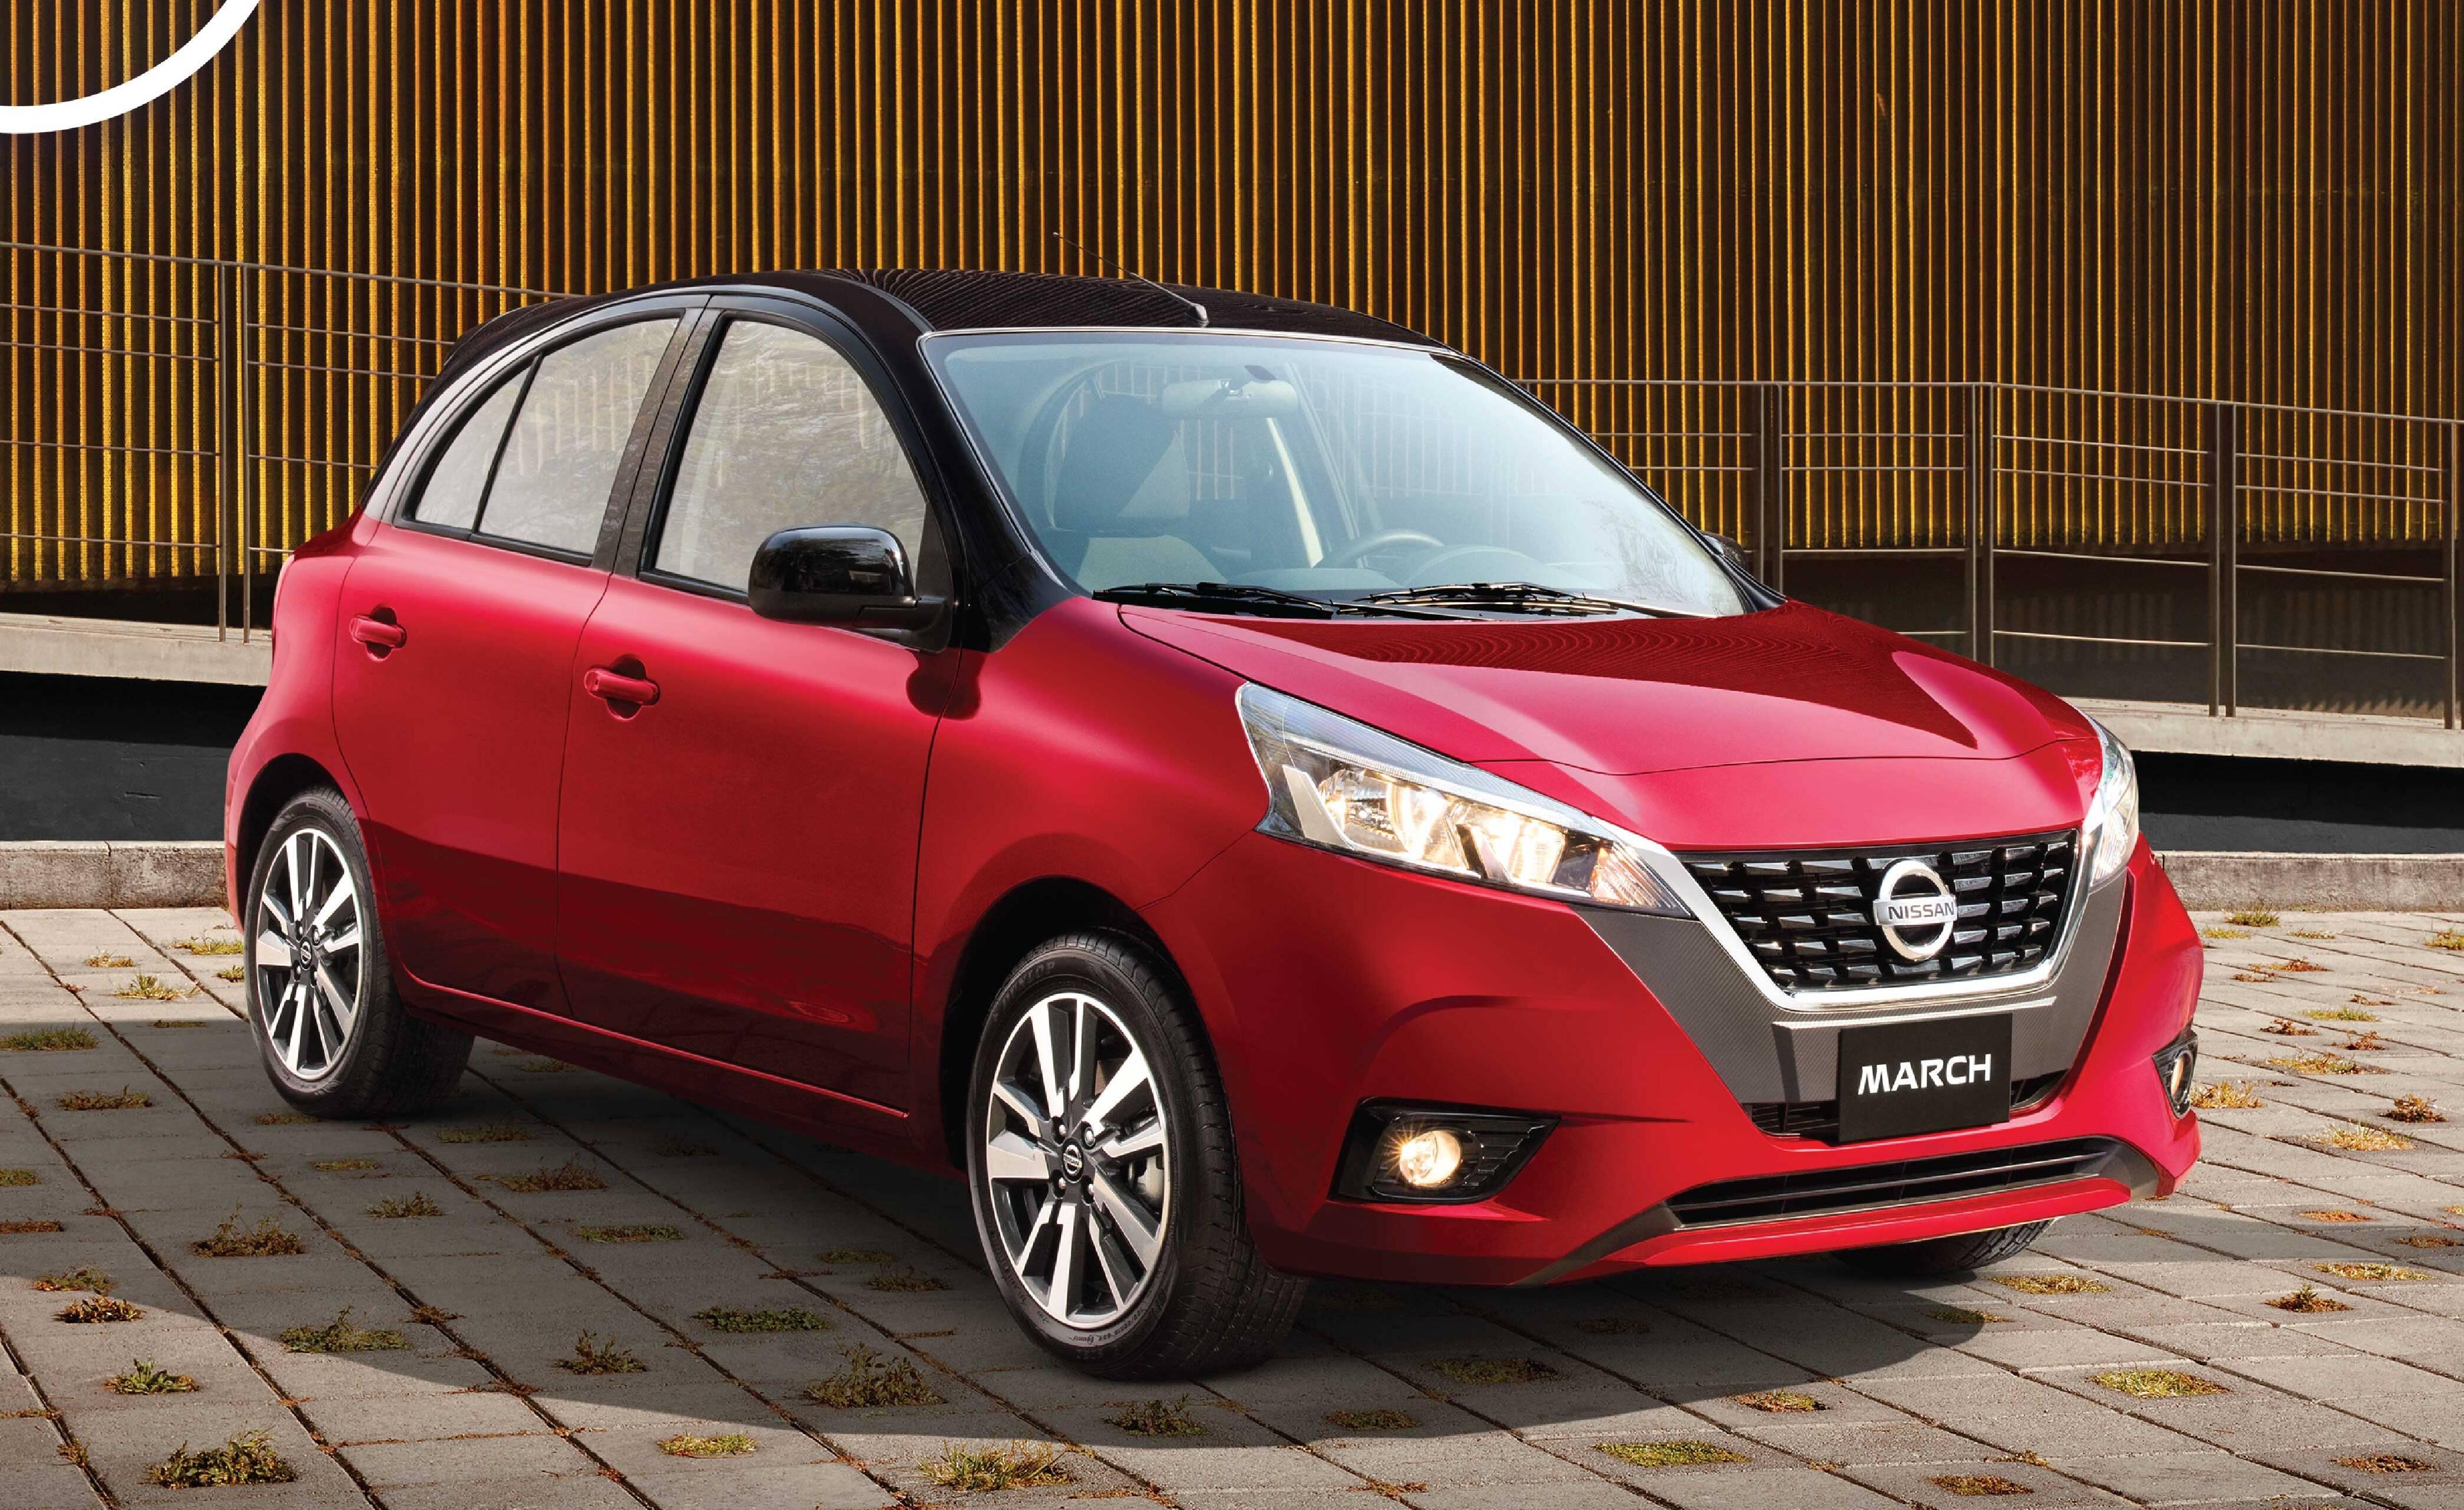 Nissan March mexicano estreia novo visual e novos equipamentos de segurança. Foto: Divulgação